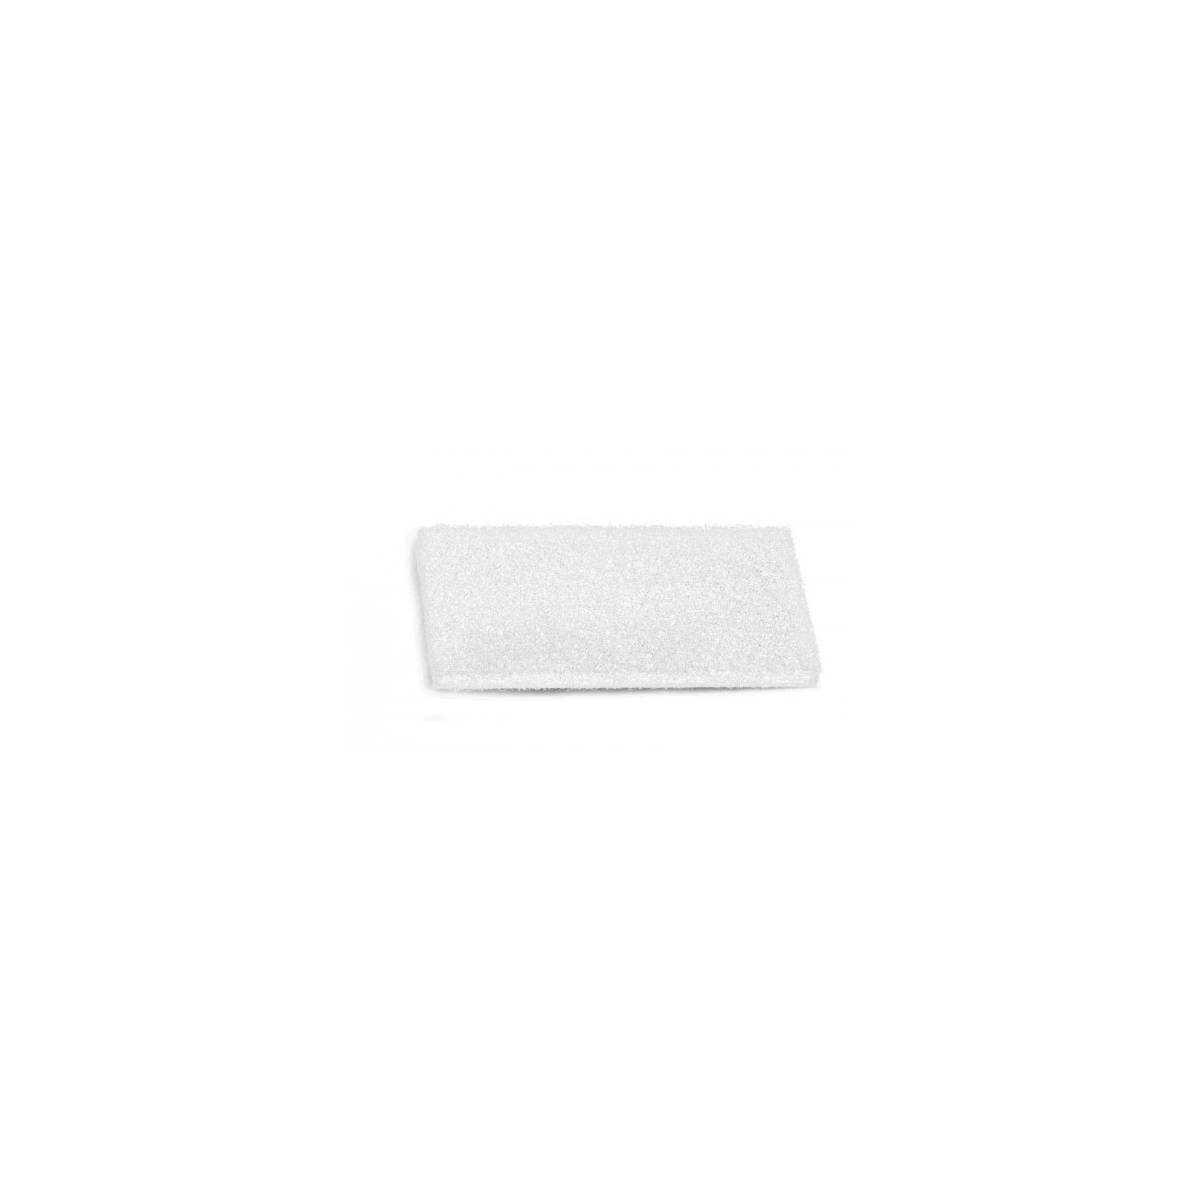 Абразивный пад для Terfir (Белого цвета) 8710 TTS